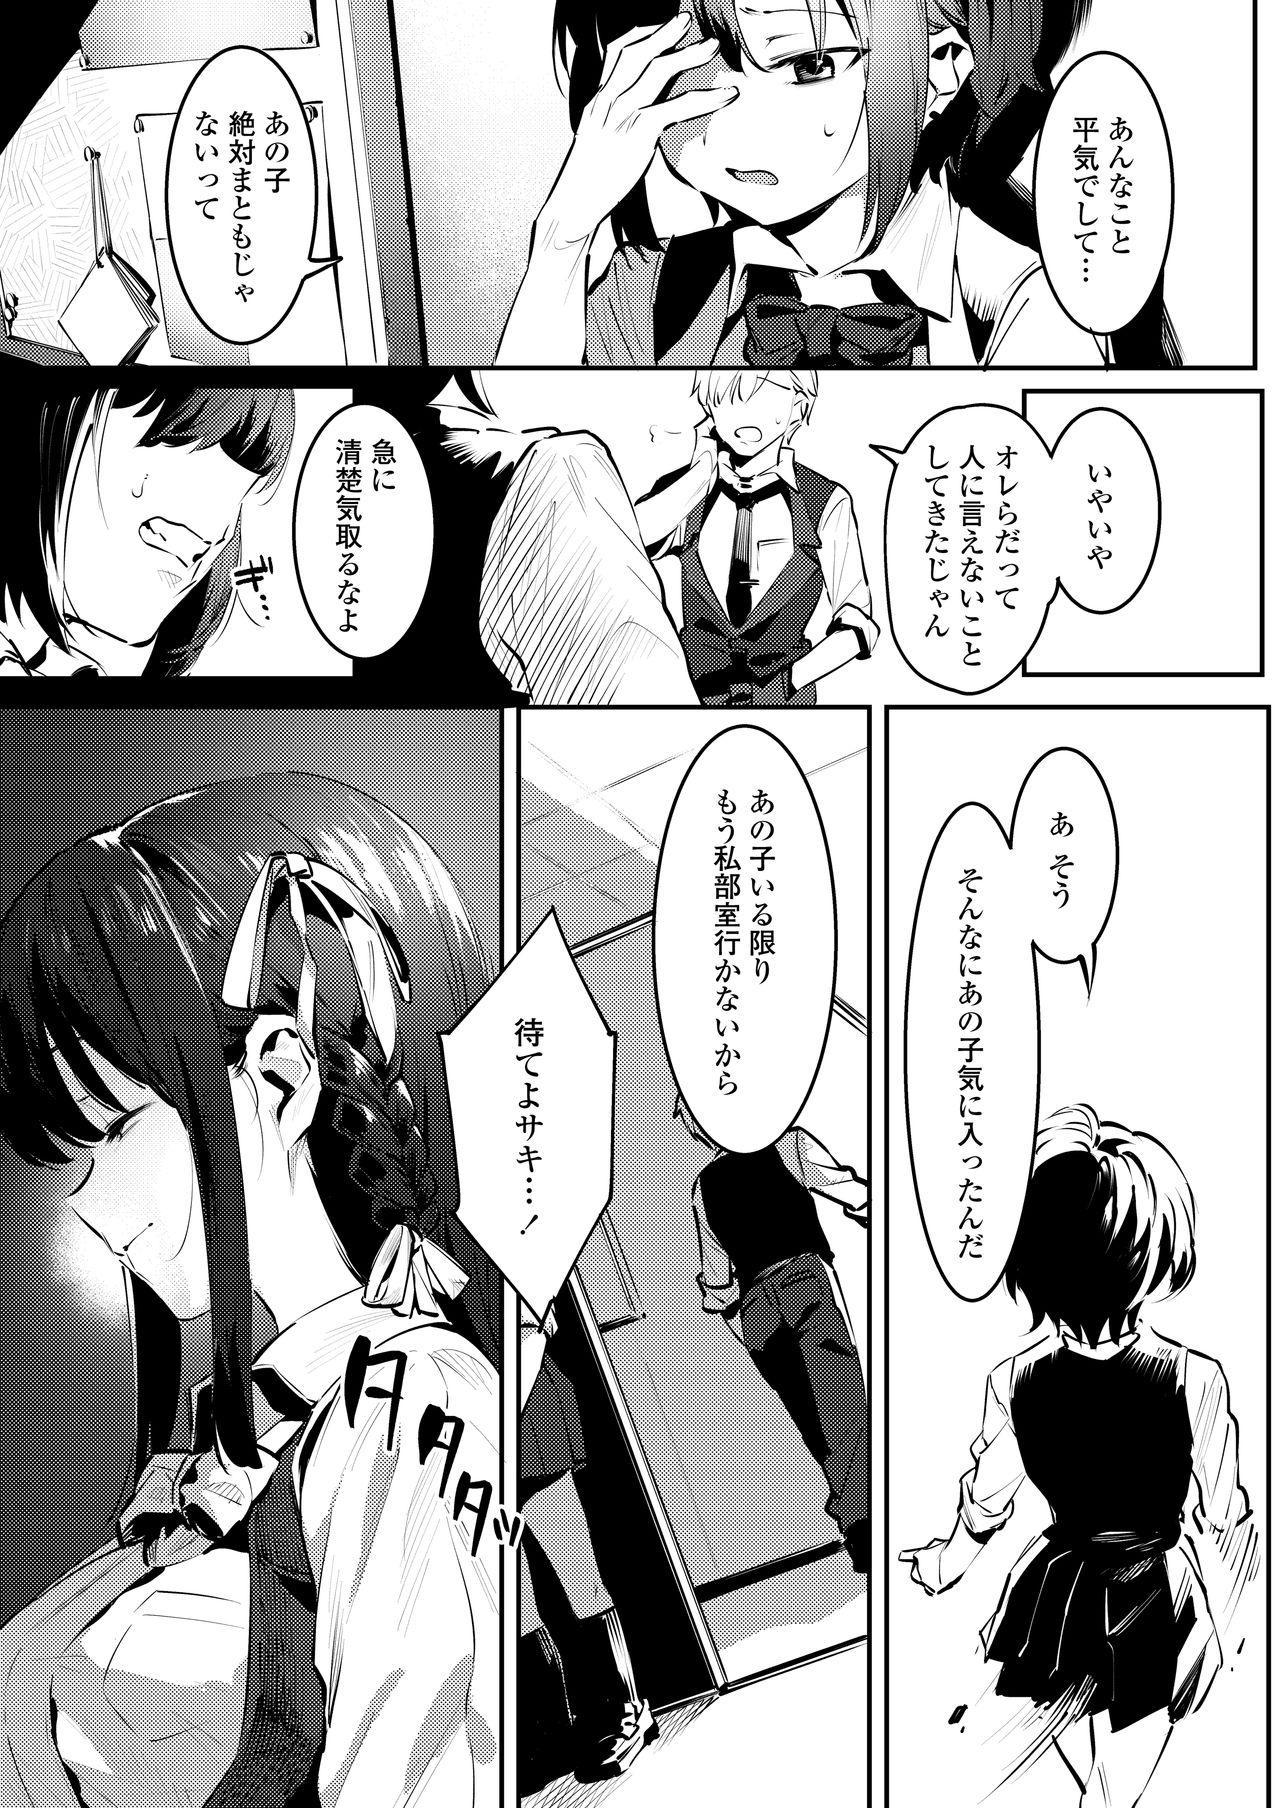 COMIC AOHA 2021 Natsu 216